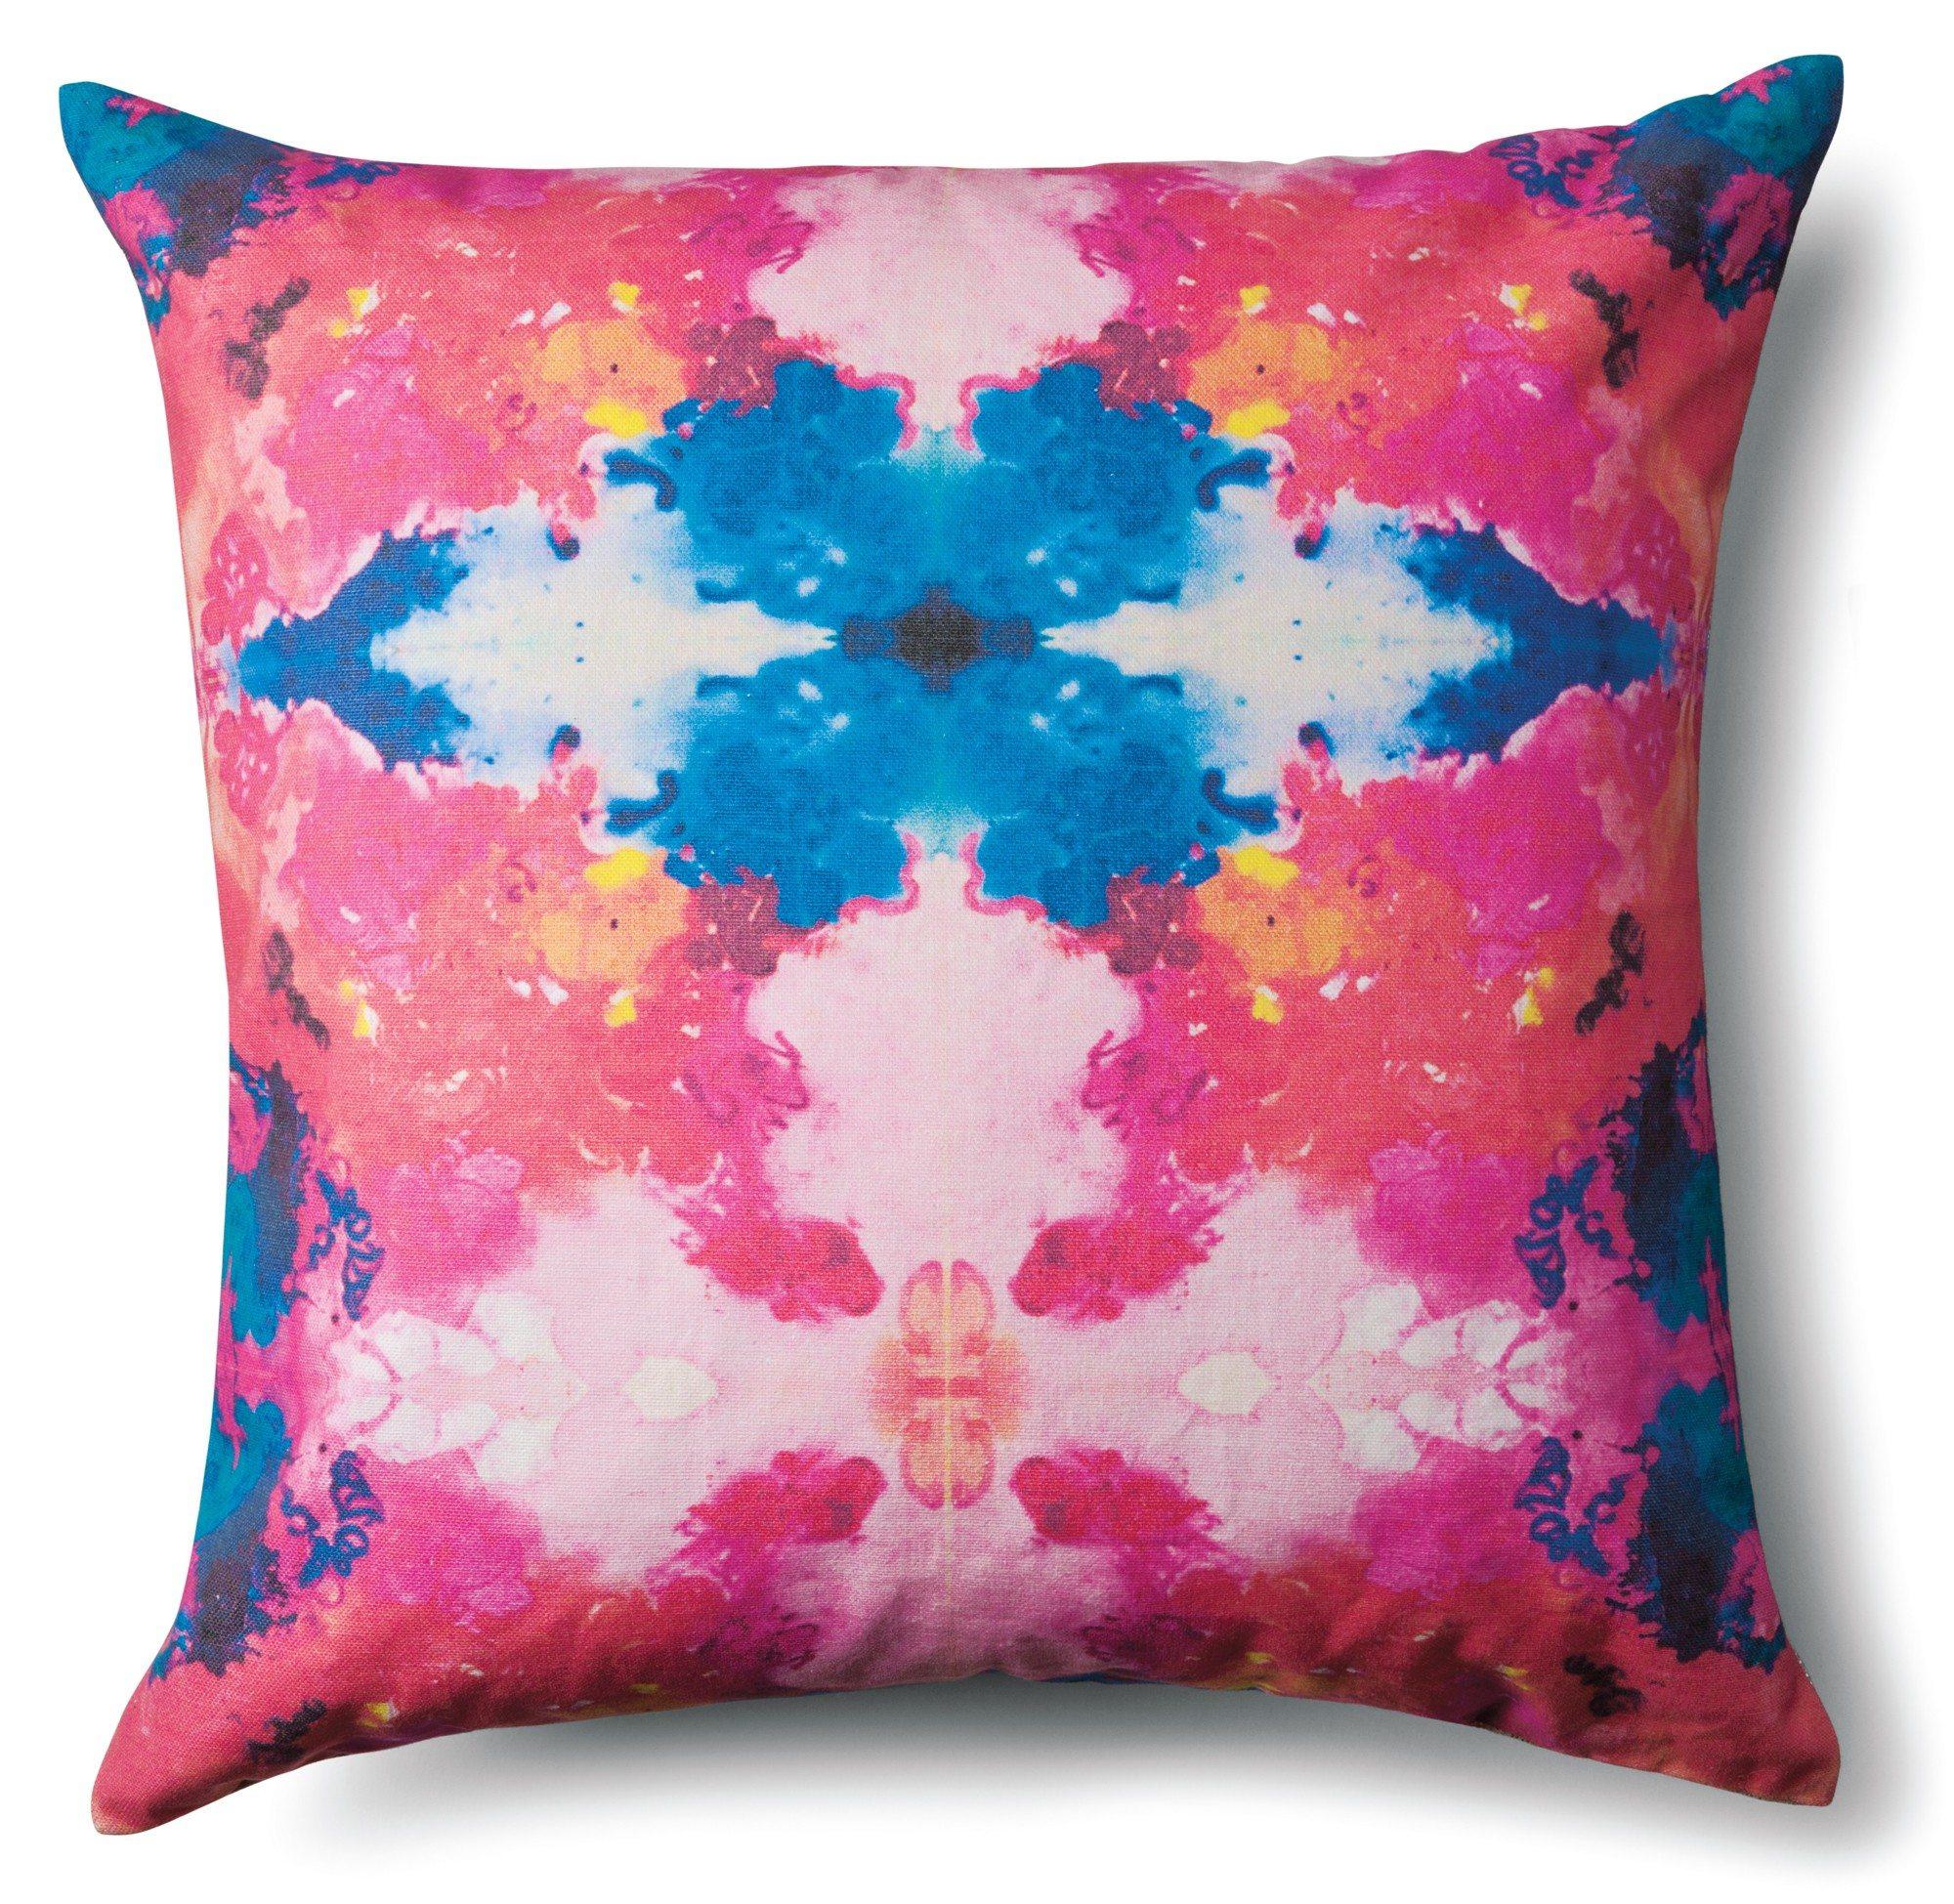 Art cushion $120 by Adrienne Jackson